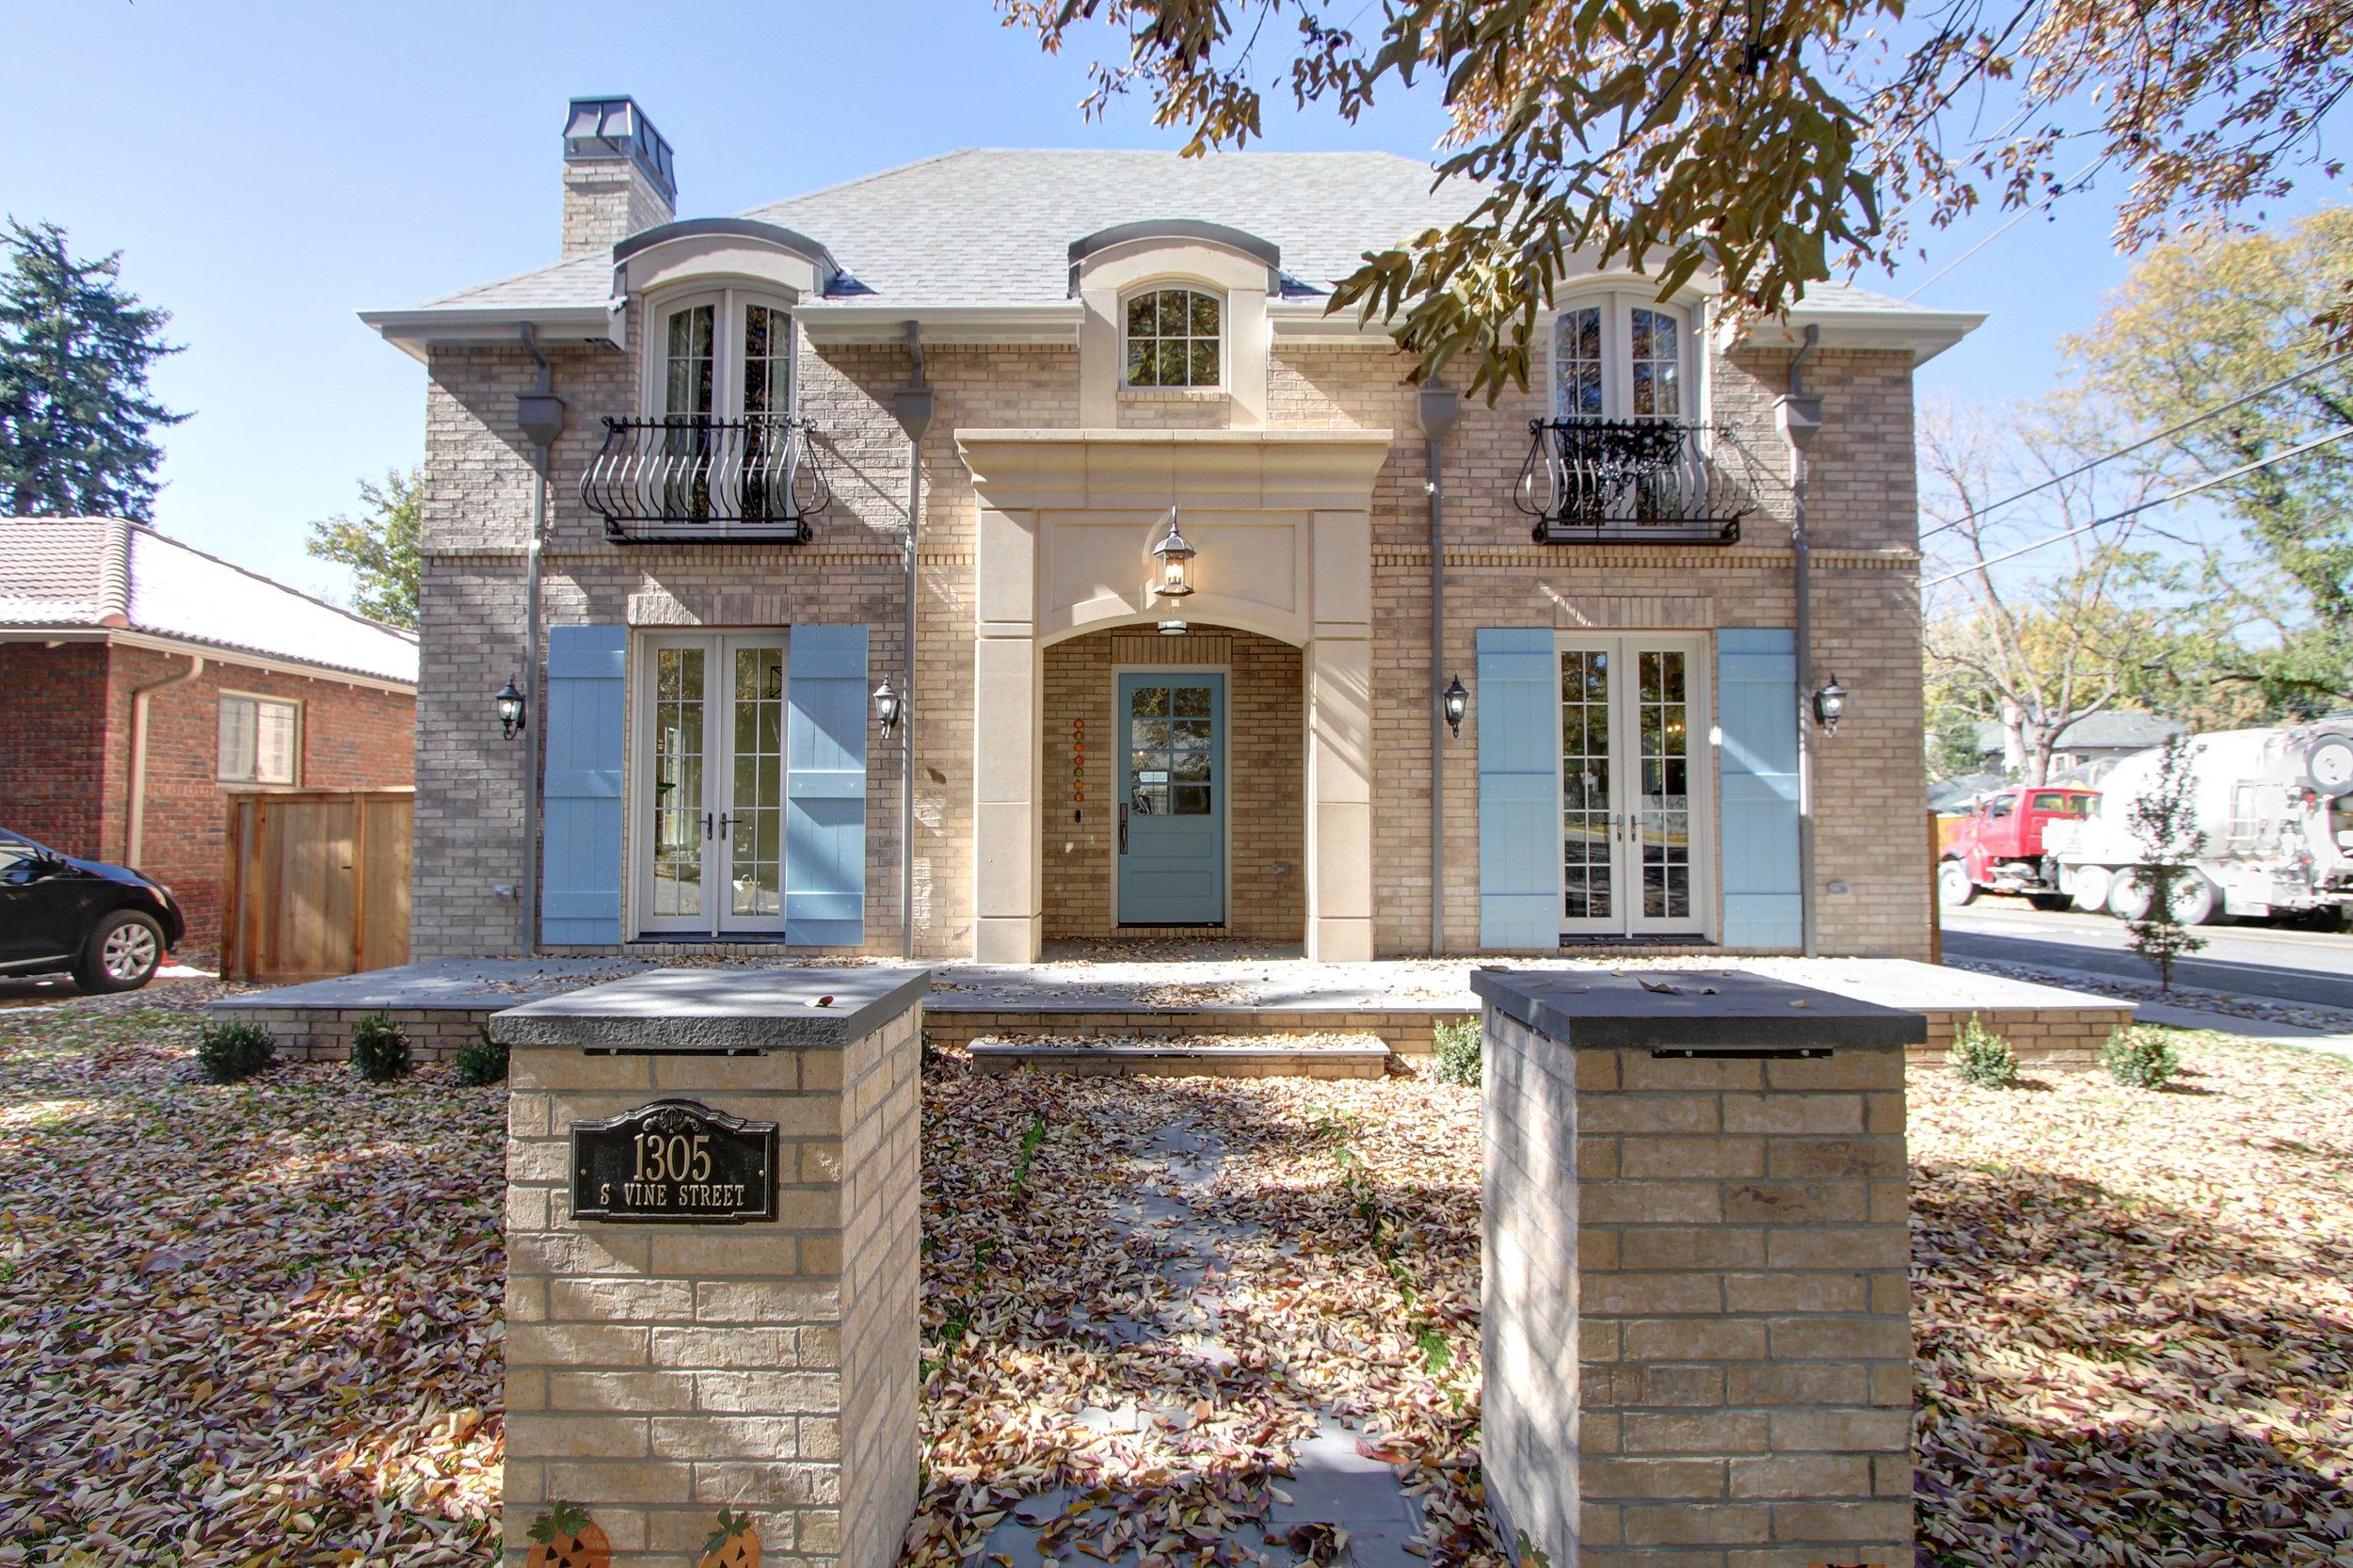 1305 Vine house front.jpg